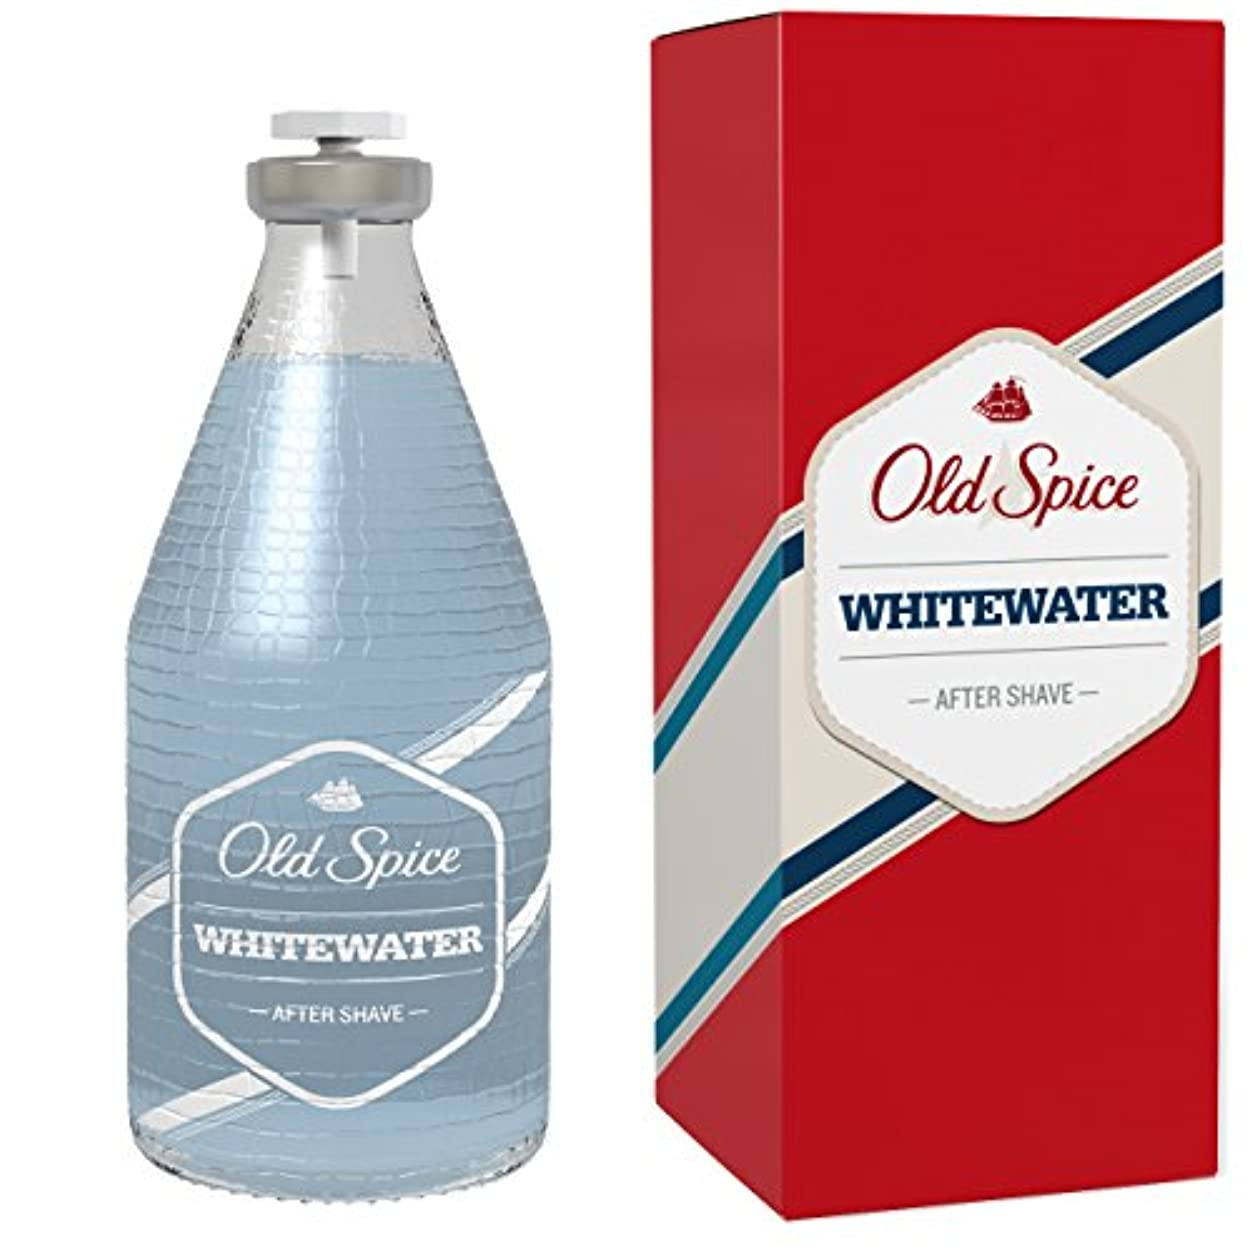 活性化する安らぎ見ましたOld Spice - オールドスパイスホワイトウォーター アフターシェーブ 100ミリリットル - 【並行輸入品】